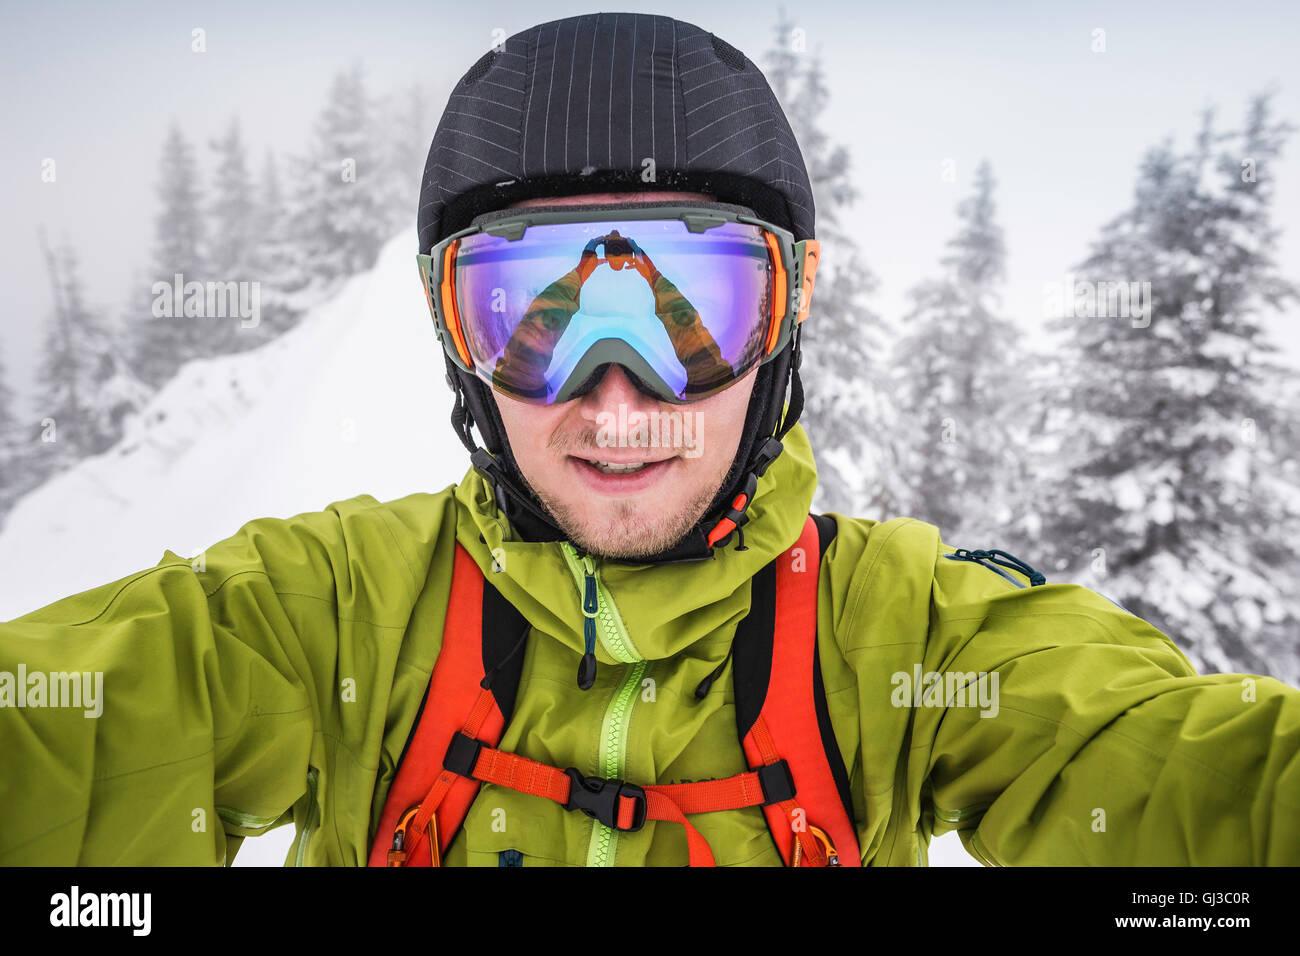 Of Close Male Lunettes À Ski De En Up Des Skier Tenant La Portant PnO80NwkX